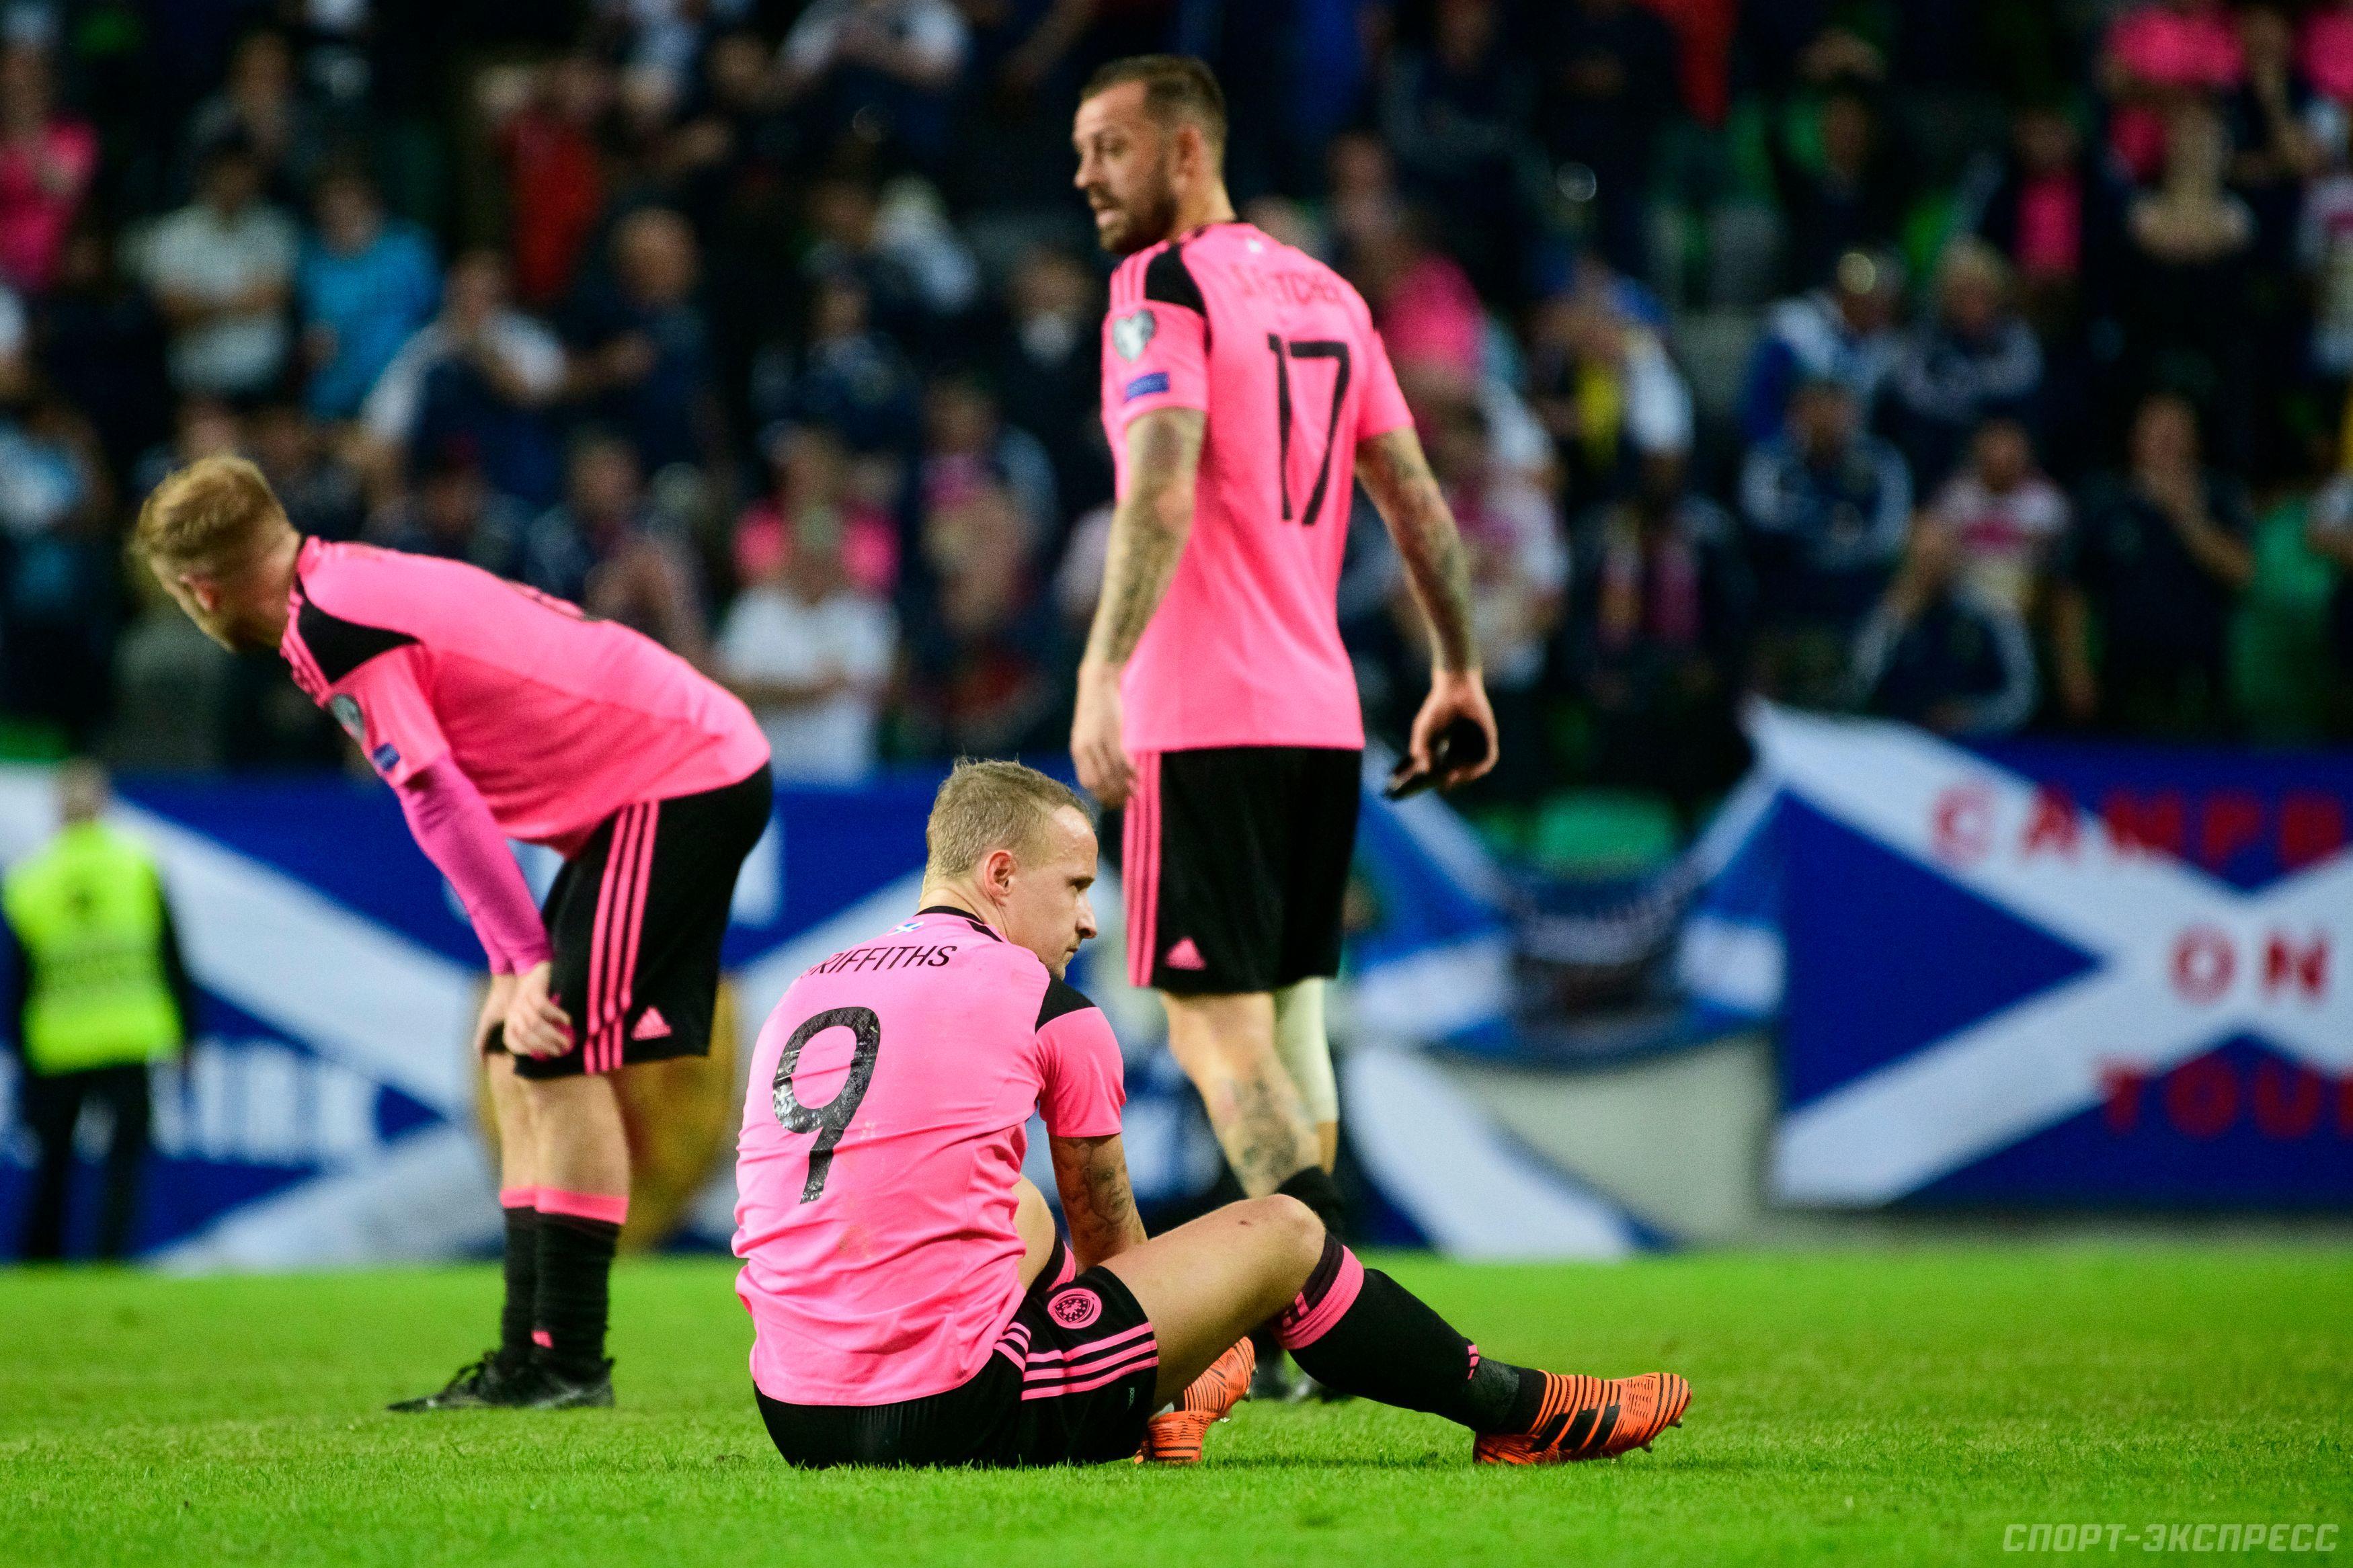 Прогноз на матч Польша - Литва: поляки смогут пробить фору -1,5